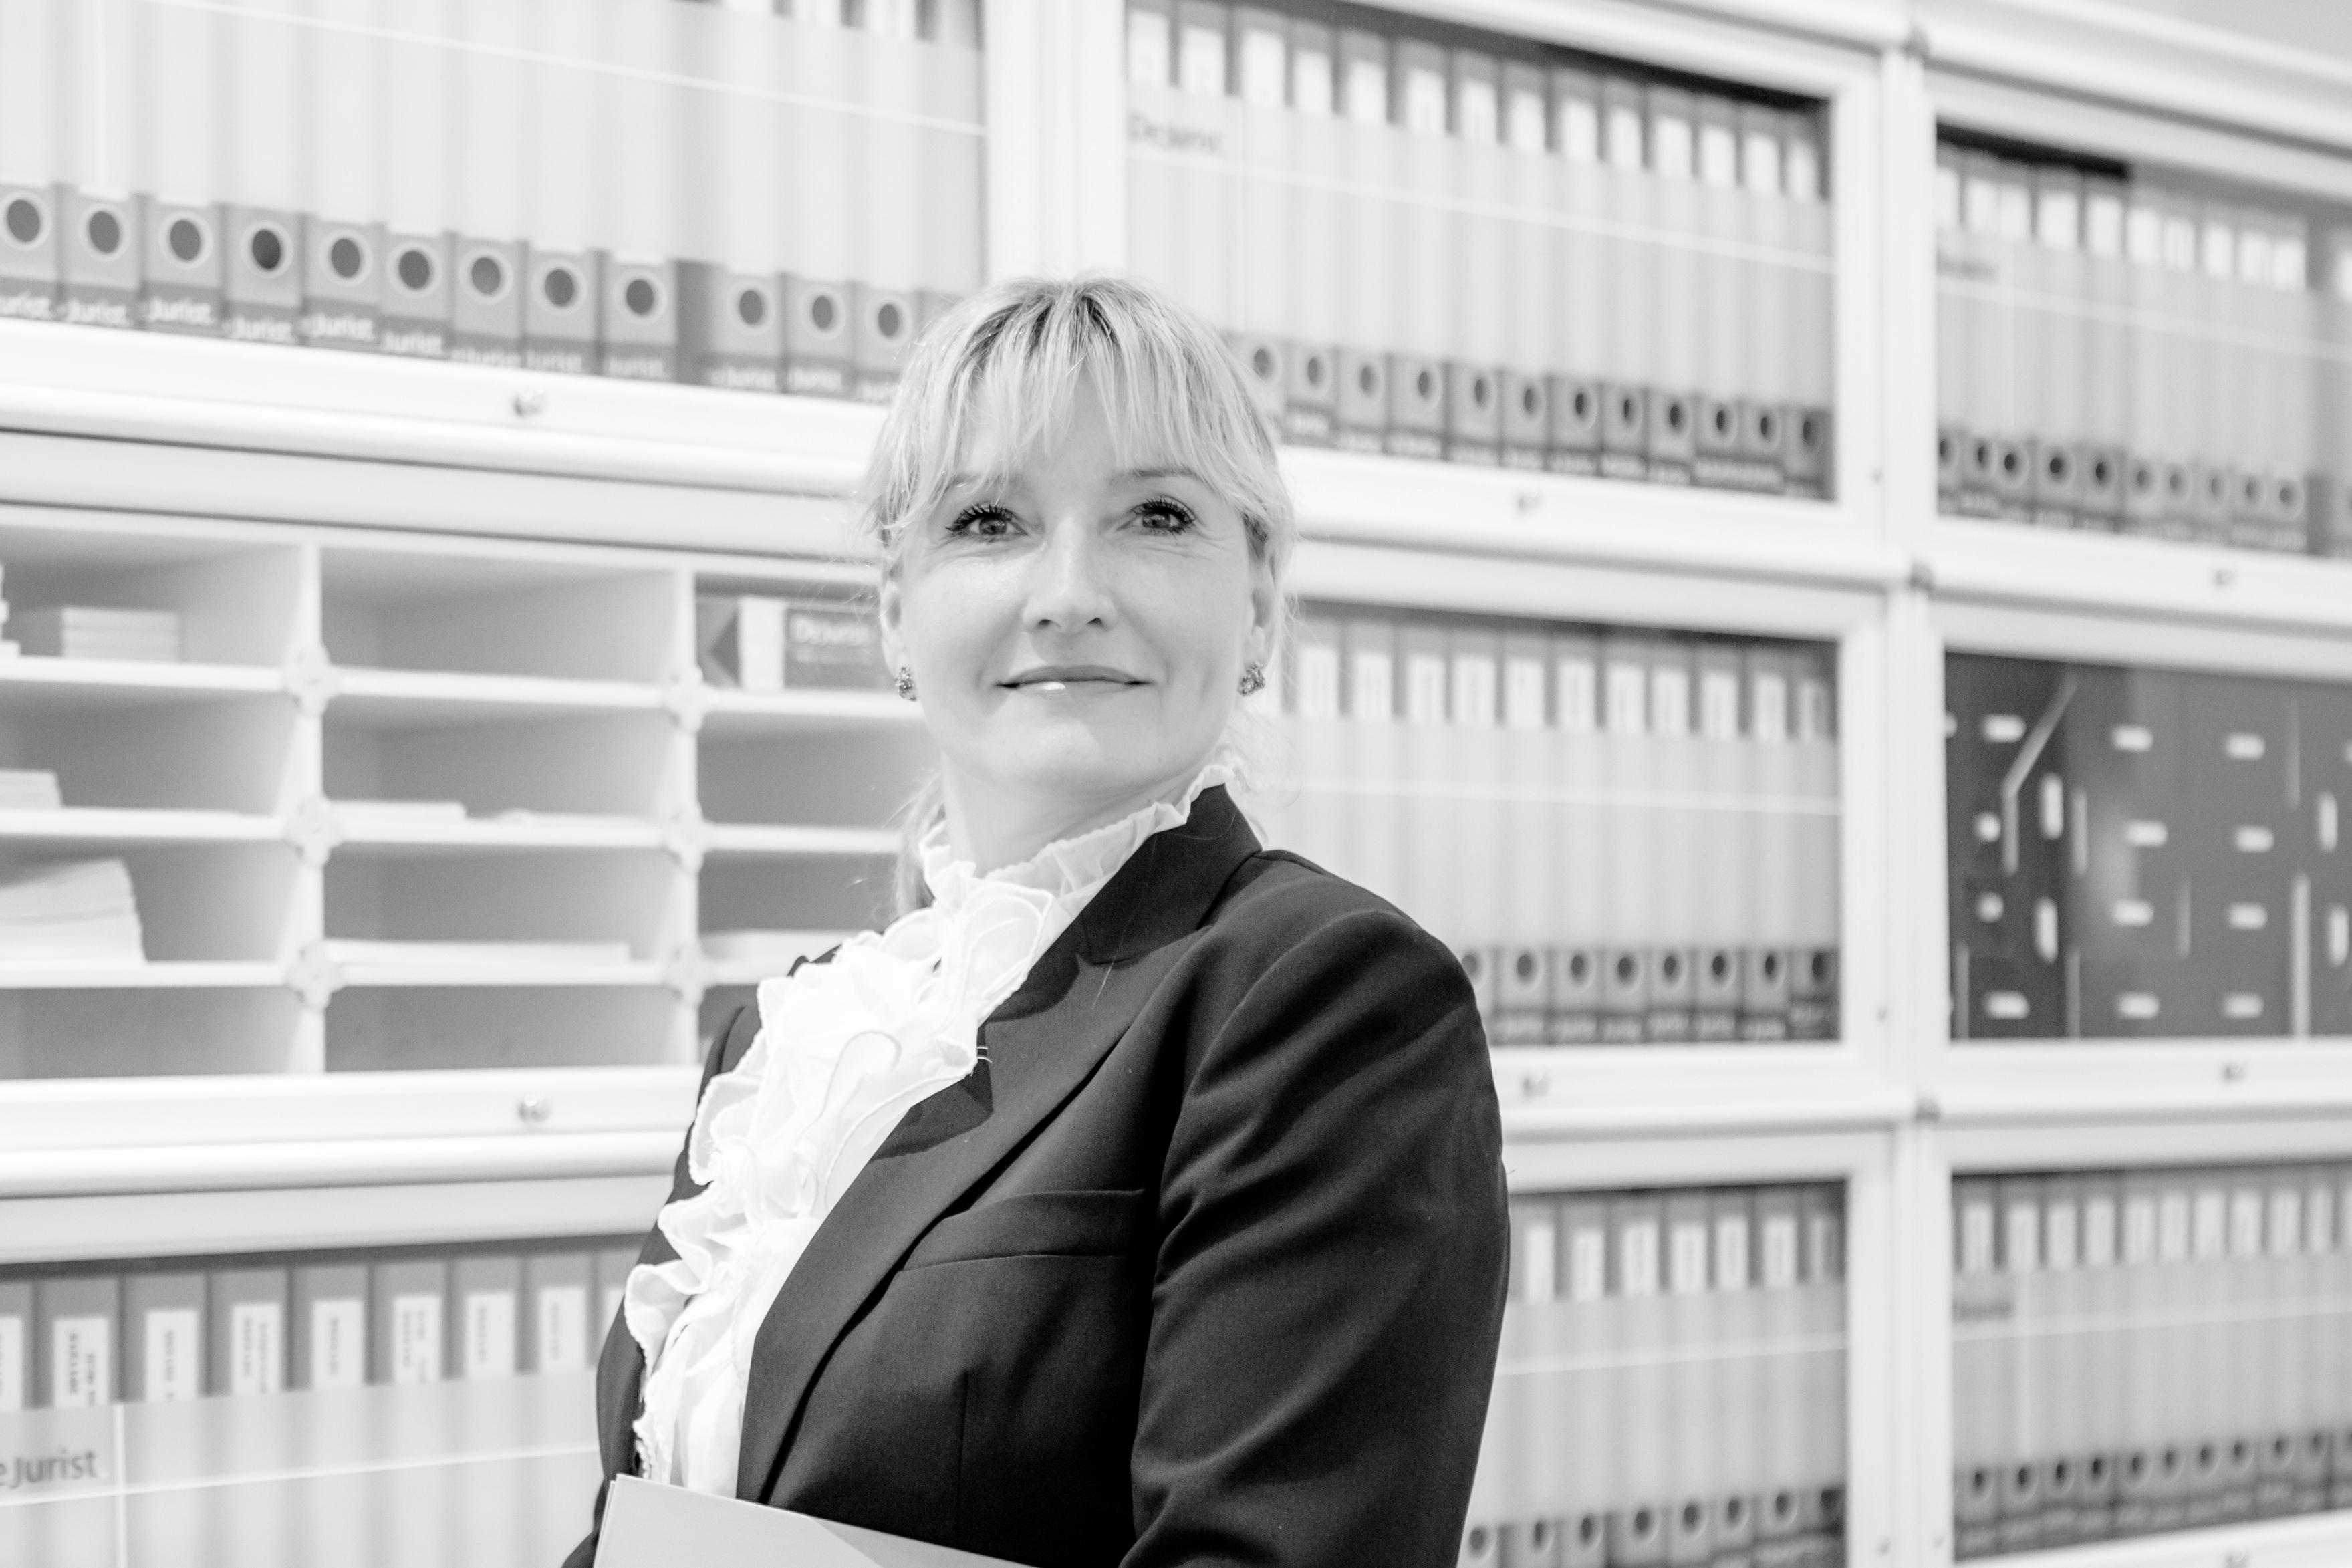 Yvonne schipper, Advocaat Maastricht